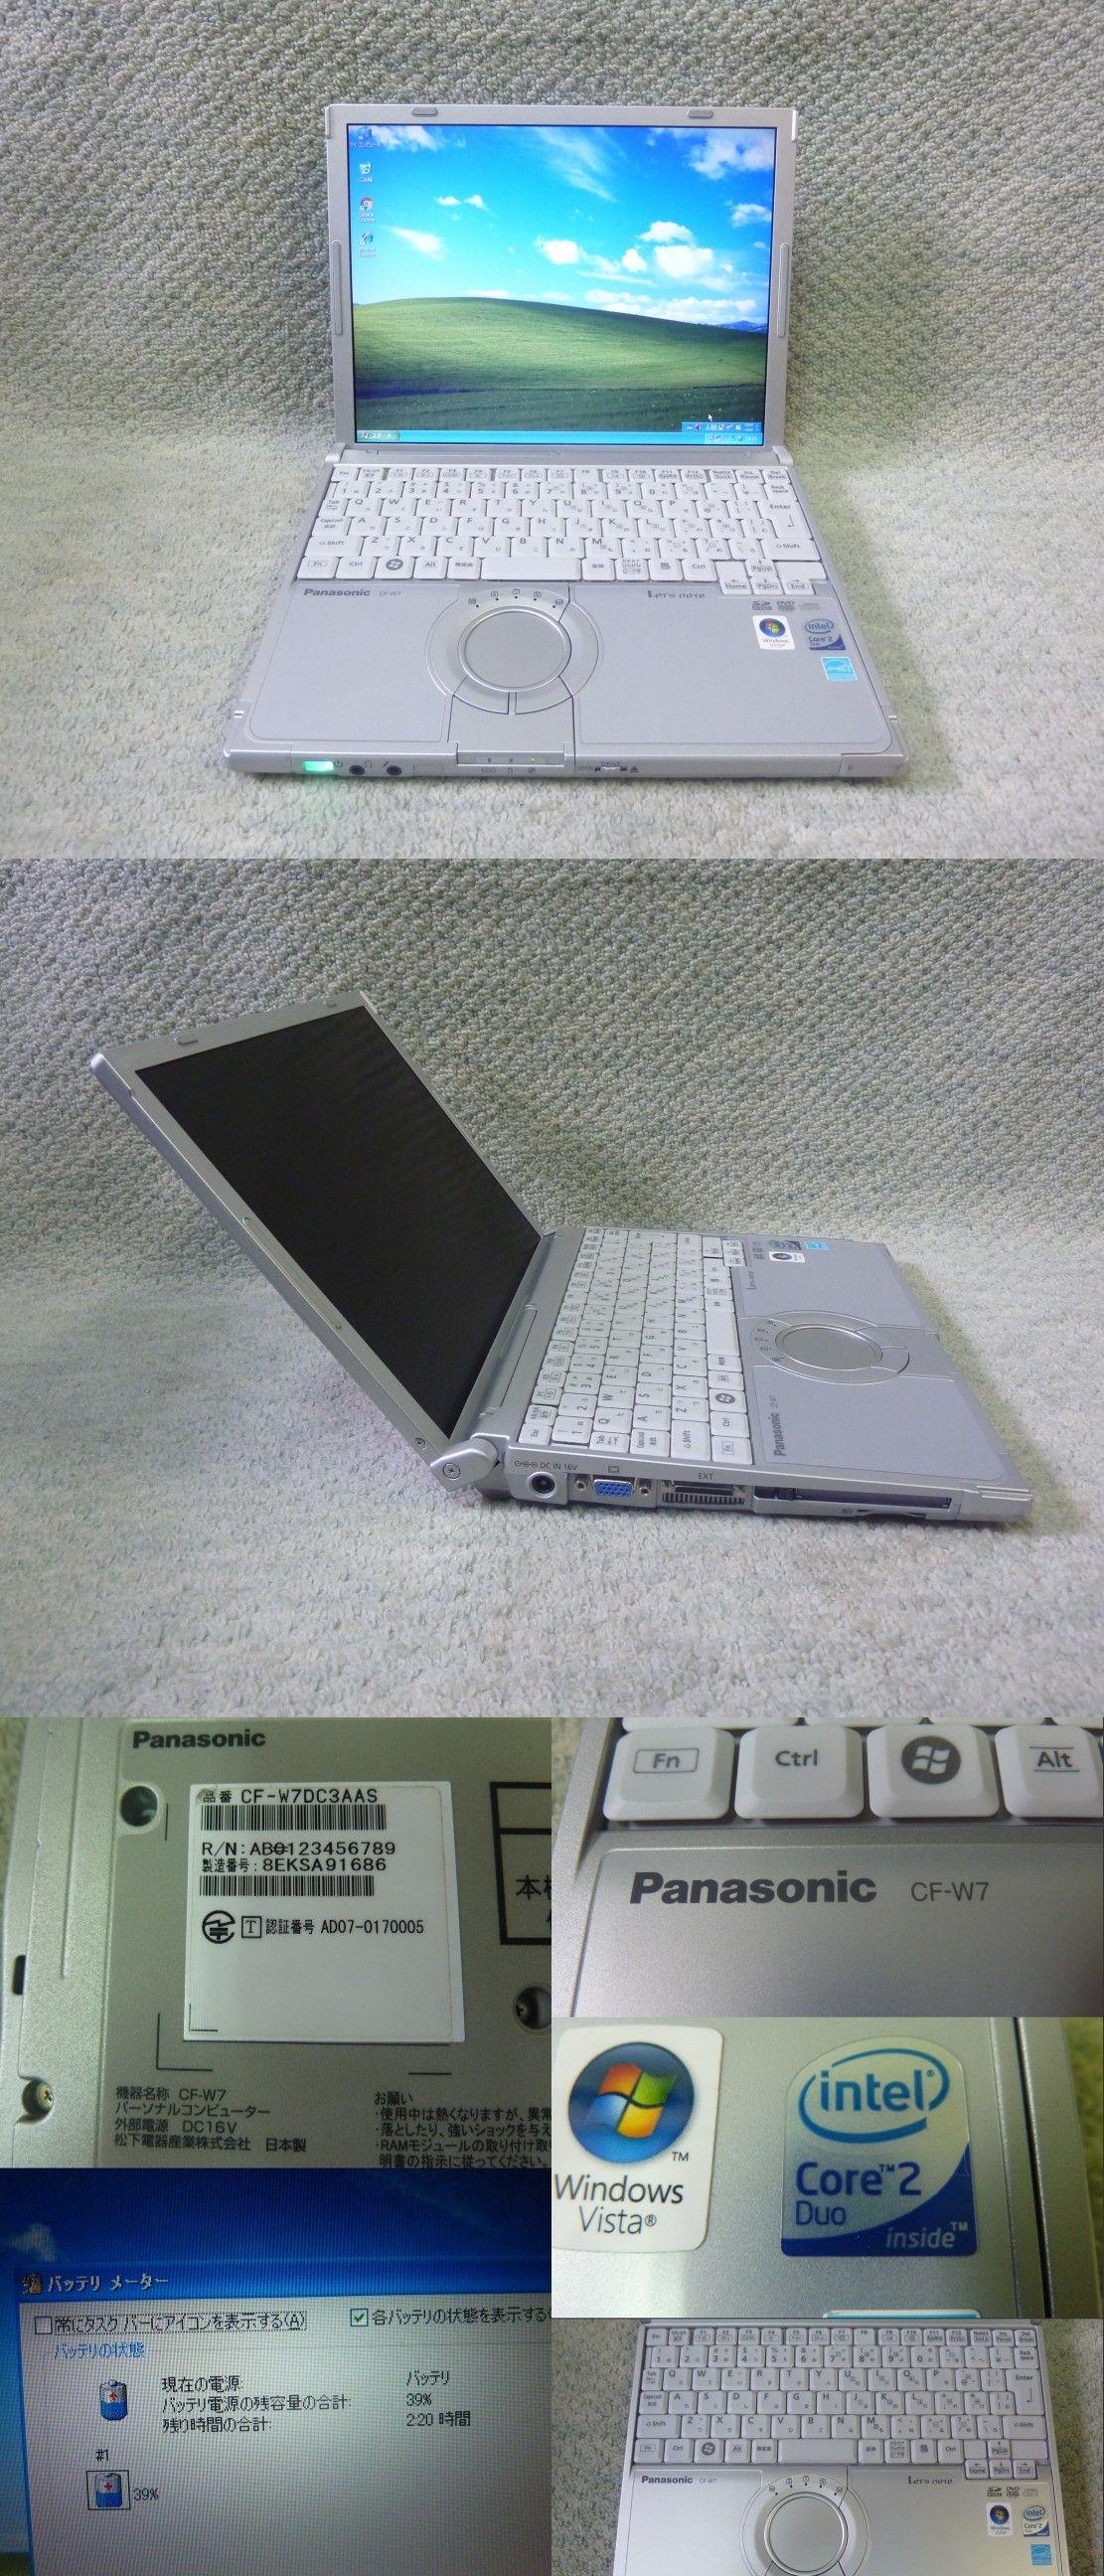 https://livedoor.blogimg.jp/gakuden5181/imgs/c/f/cfb96a6e.jpg